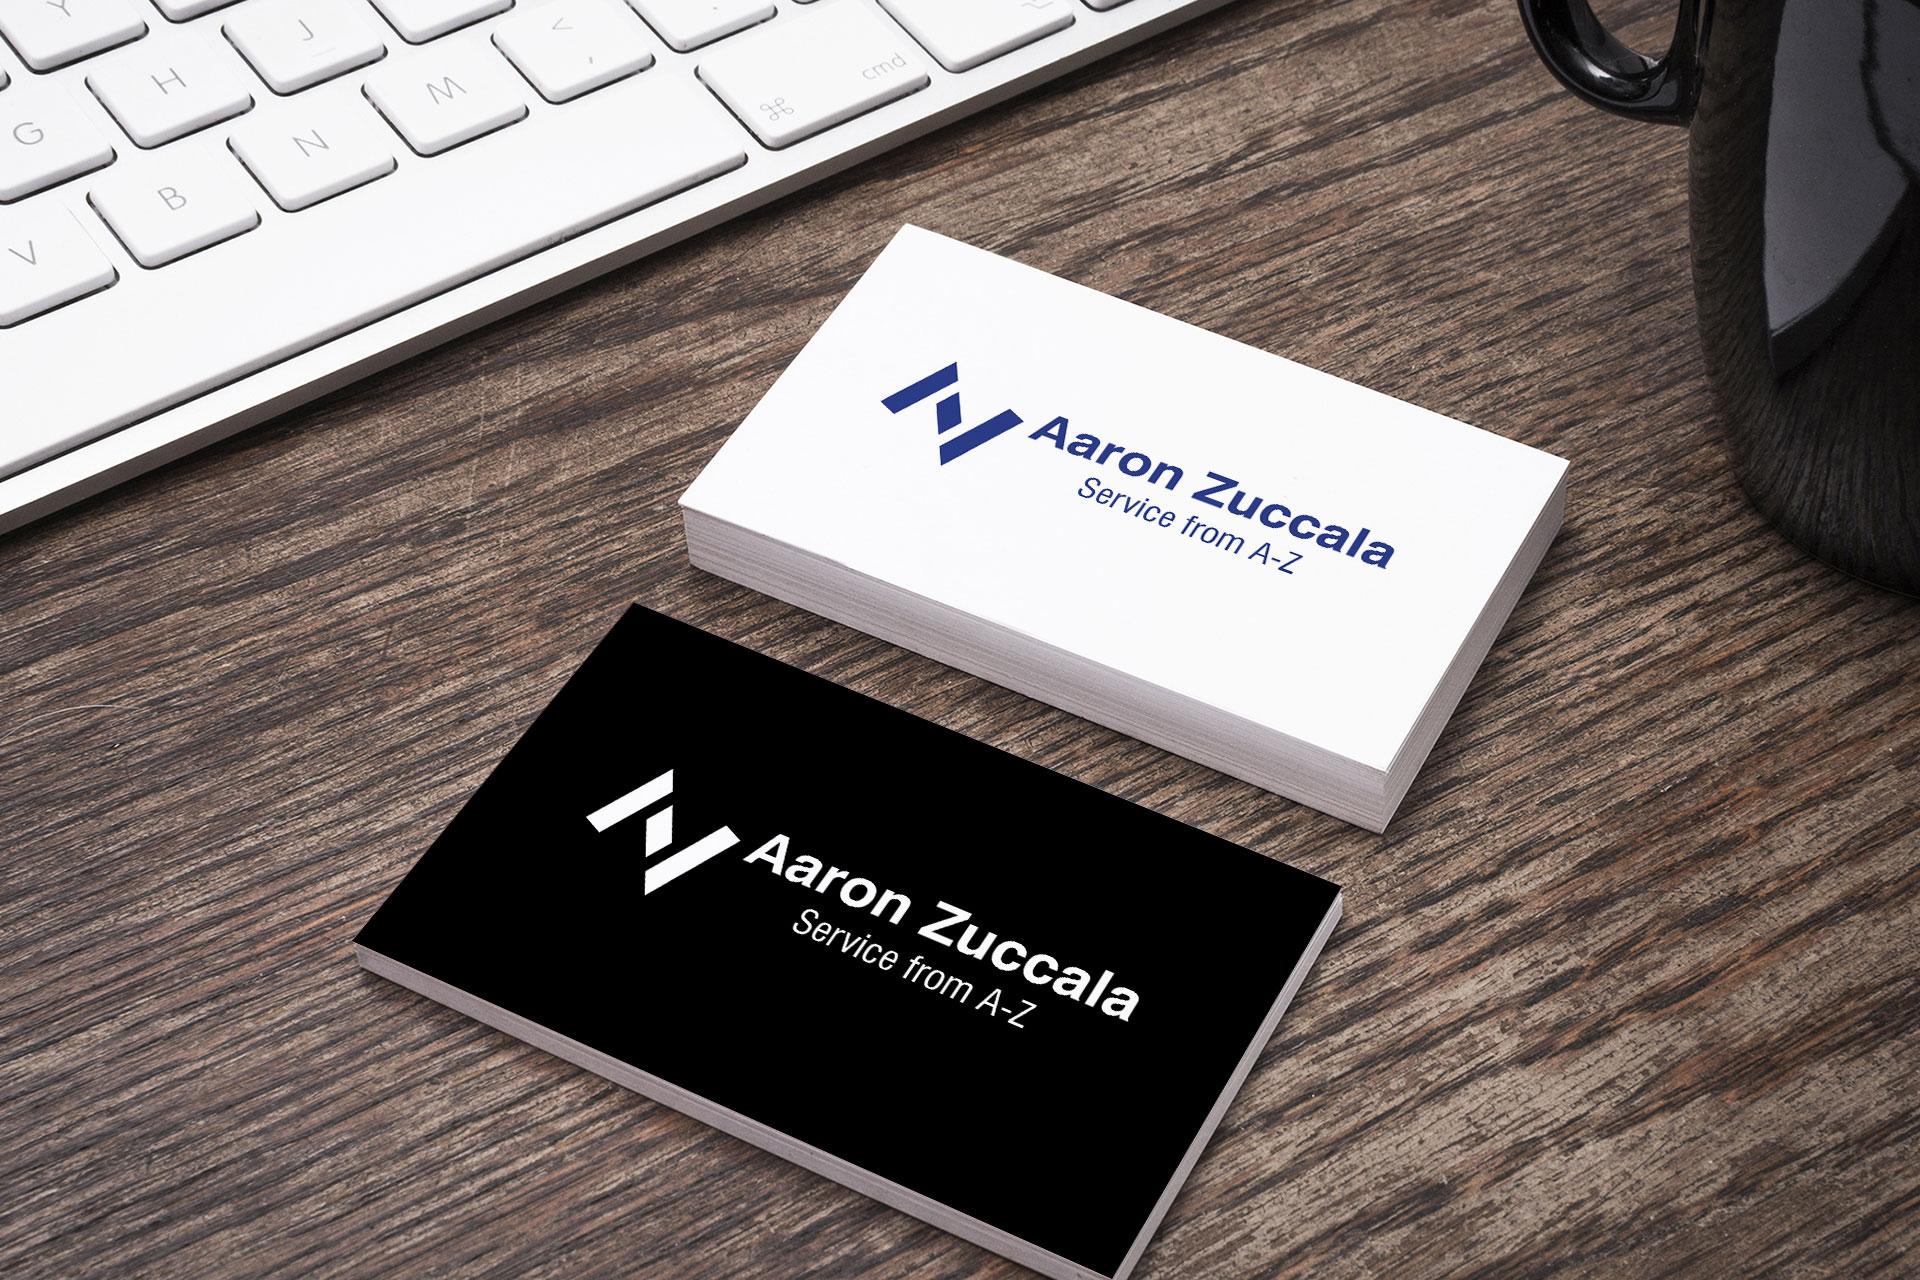 Aaron-Zaculla - Graphic Design Portfolio